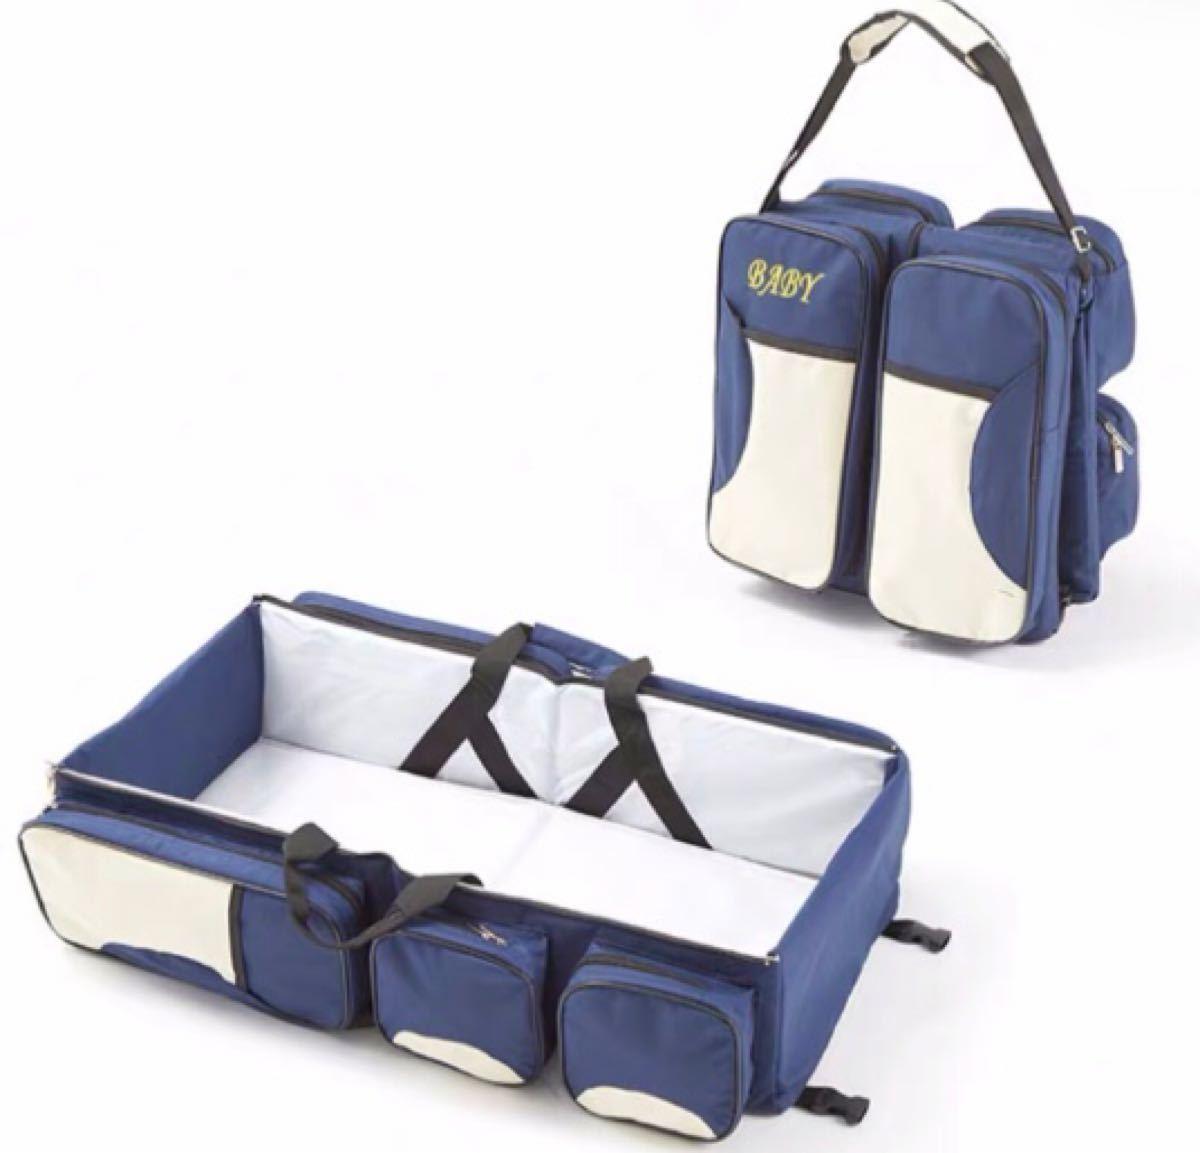 #マザーズバッグ #折り畳み式ベビーベッド #肩掛けかばん #大容量 #ブルー #セール